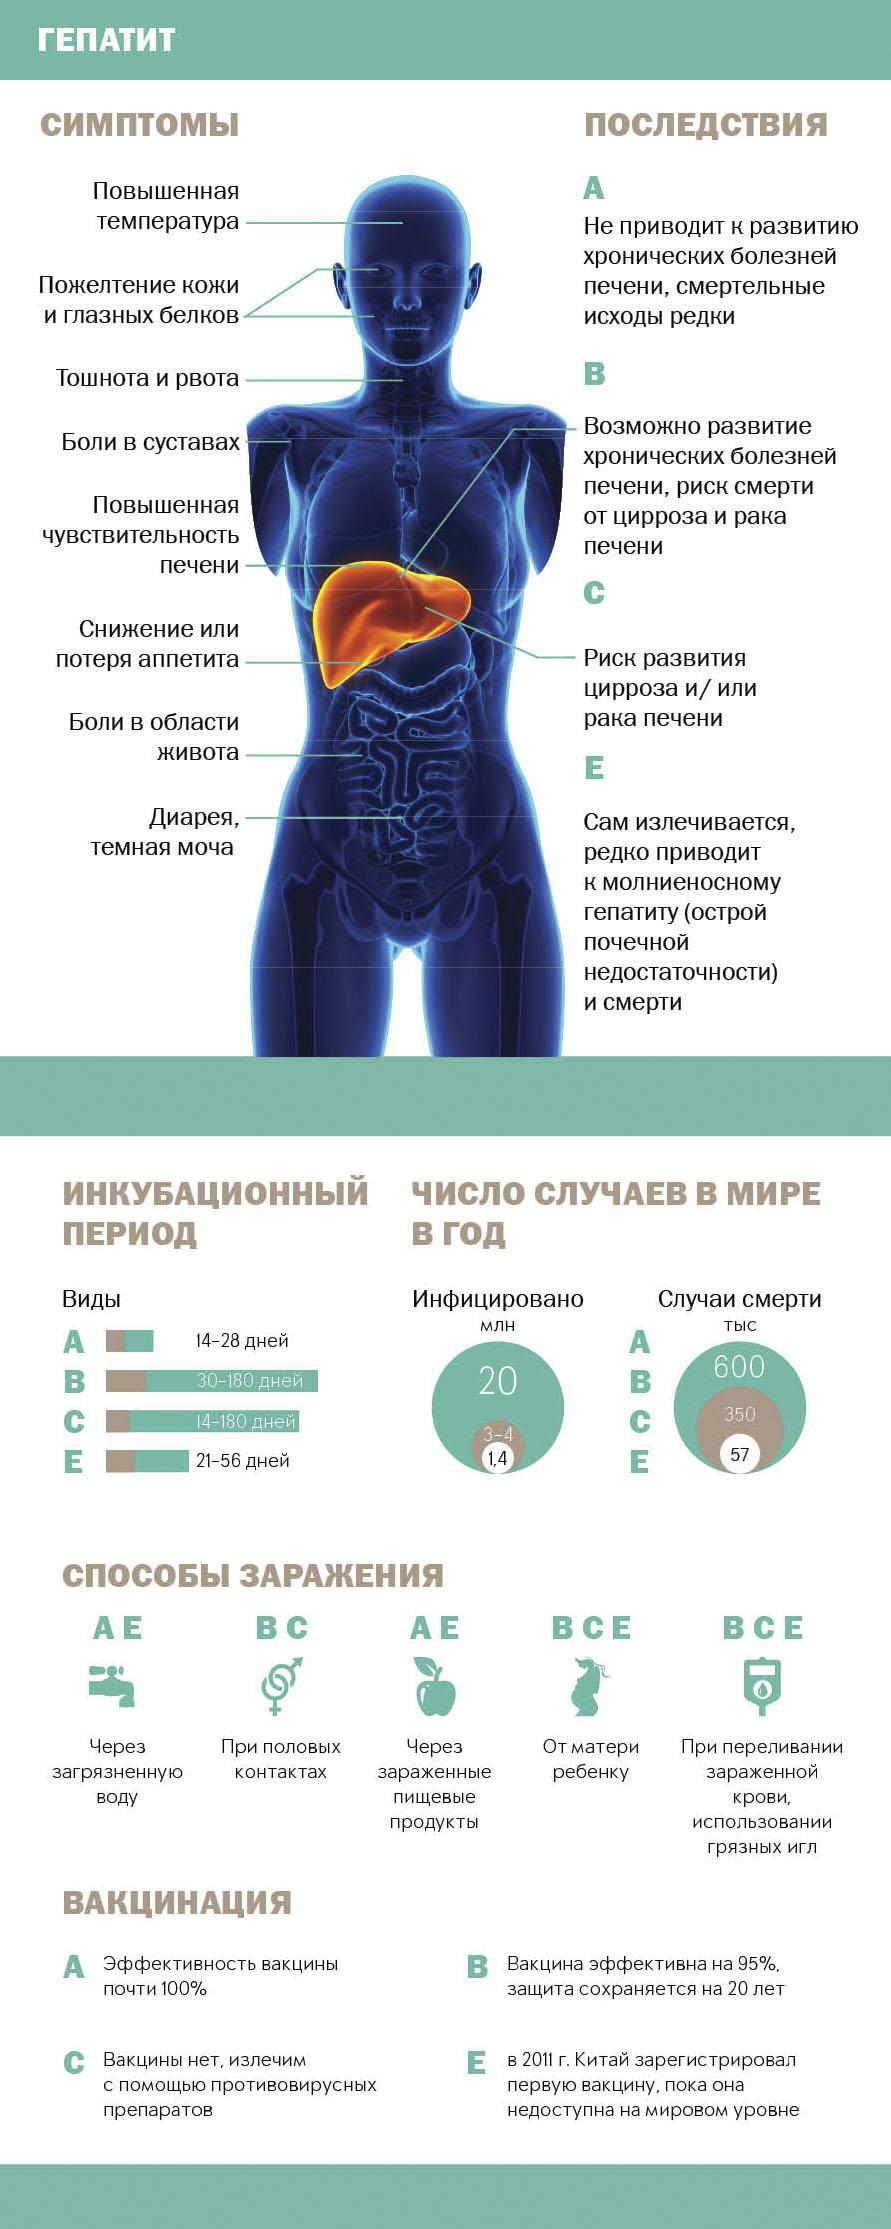 Гепатит В: основные симптомы и лечение